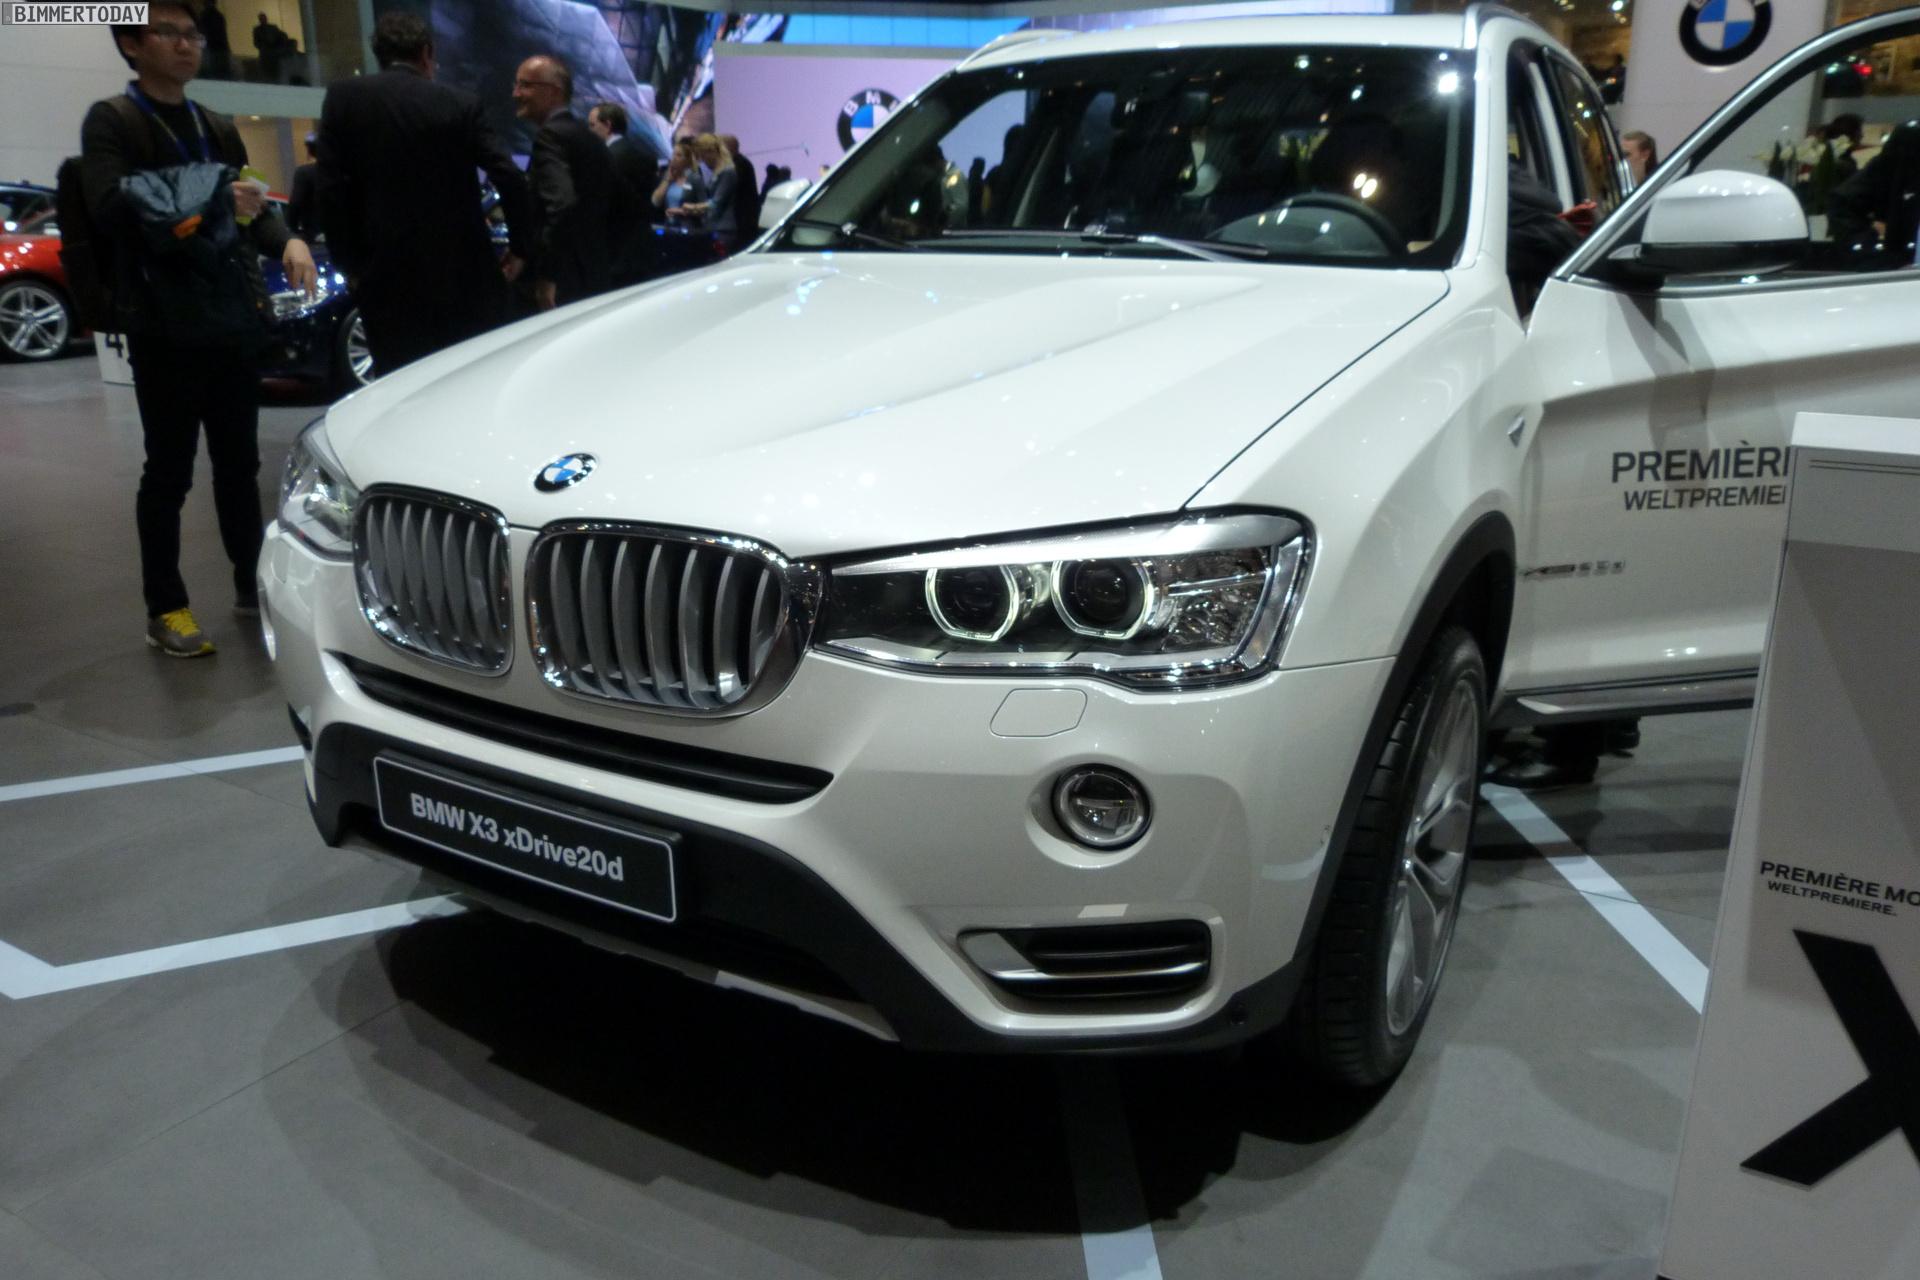 2014 BMW X3 F25 LCI Facelift 20d xLine Paket Genfer Autosalon Live 19